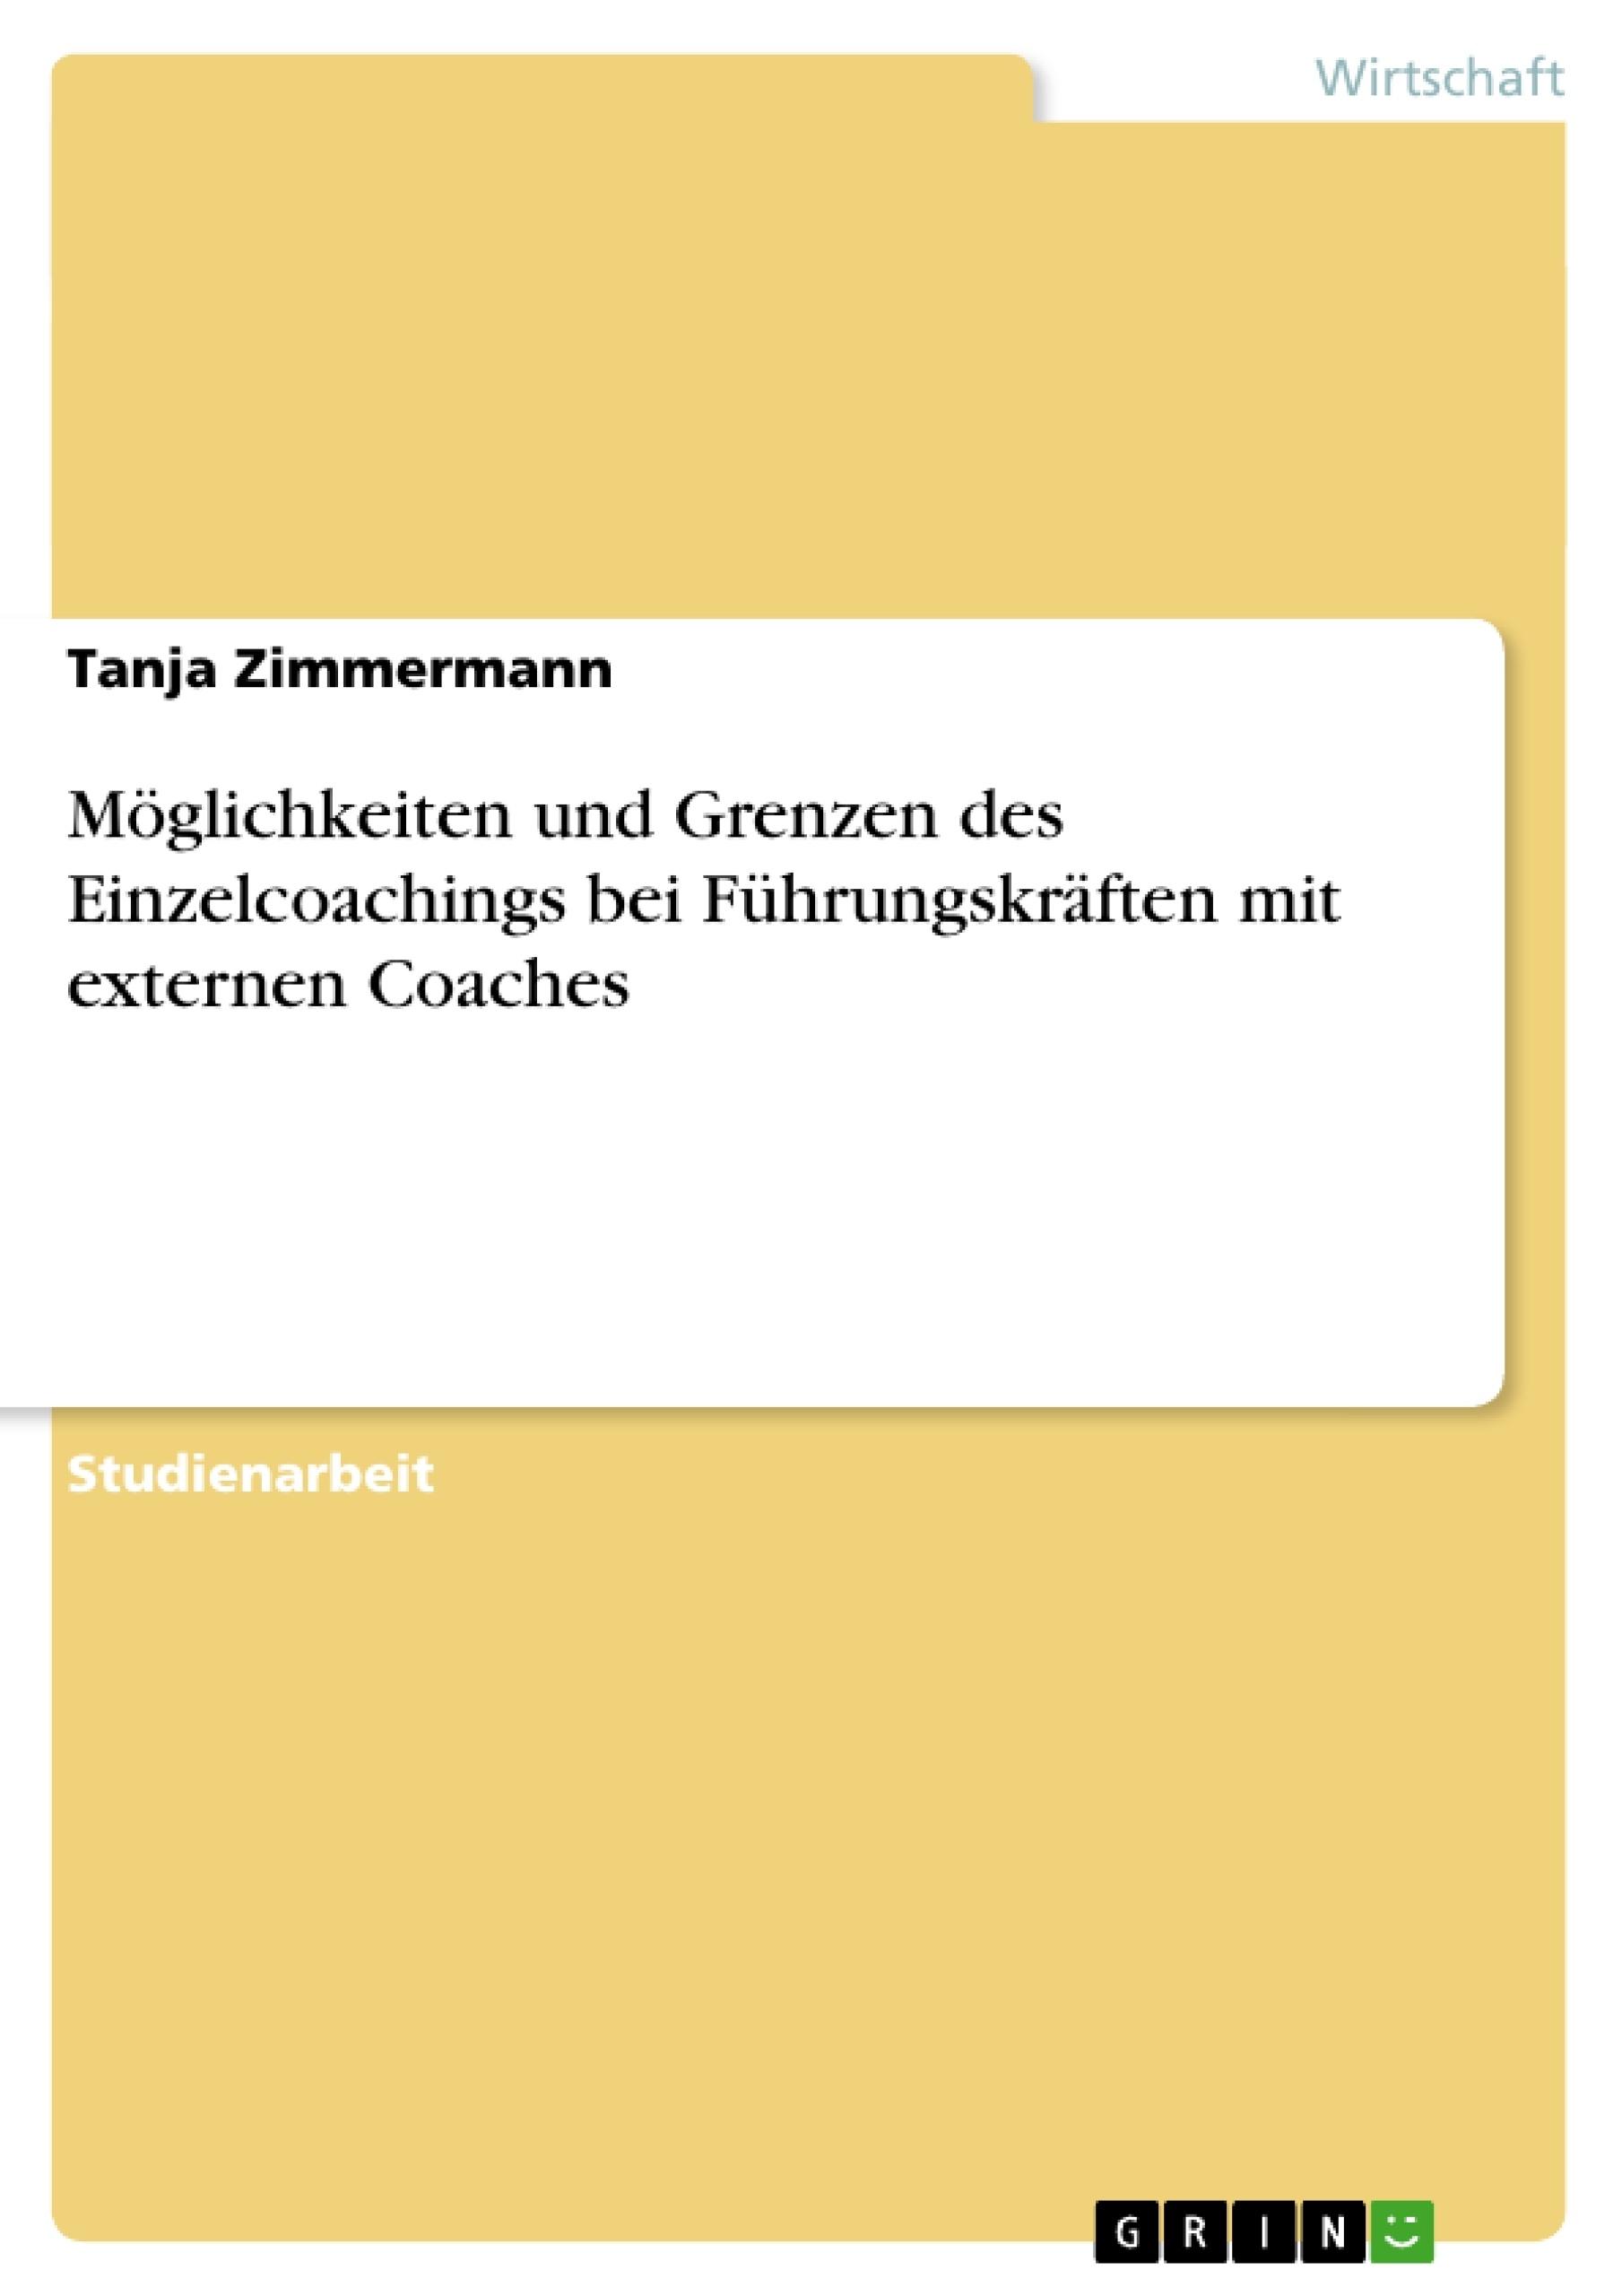 Titel: Möglichkeiten und Grenzen des Einzelcoachings bei Führungskräften mit externen Coaches